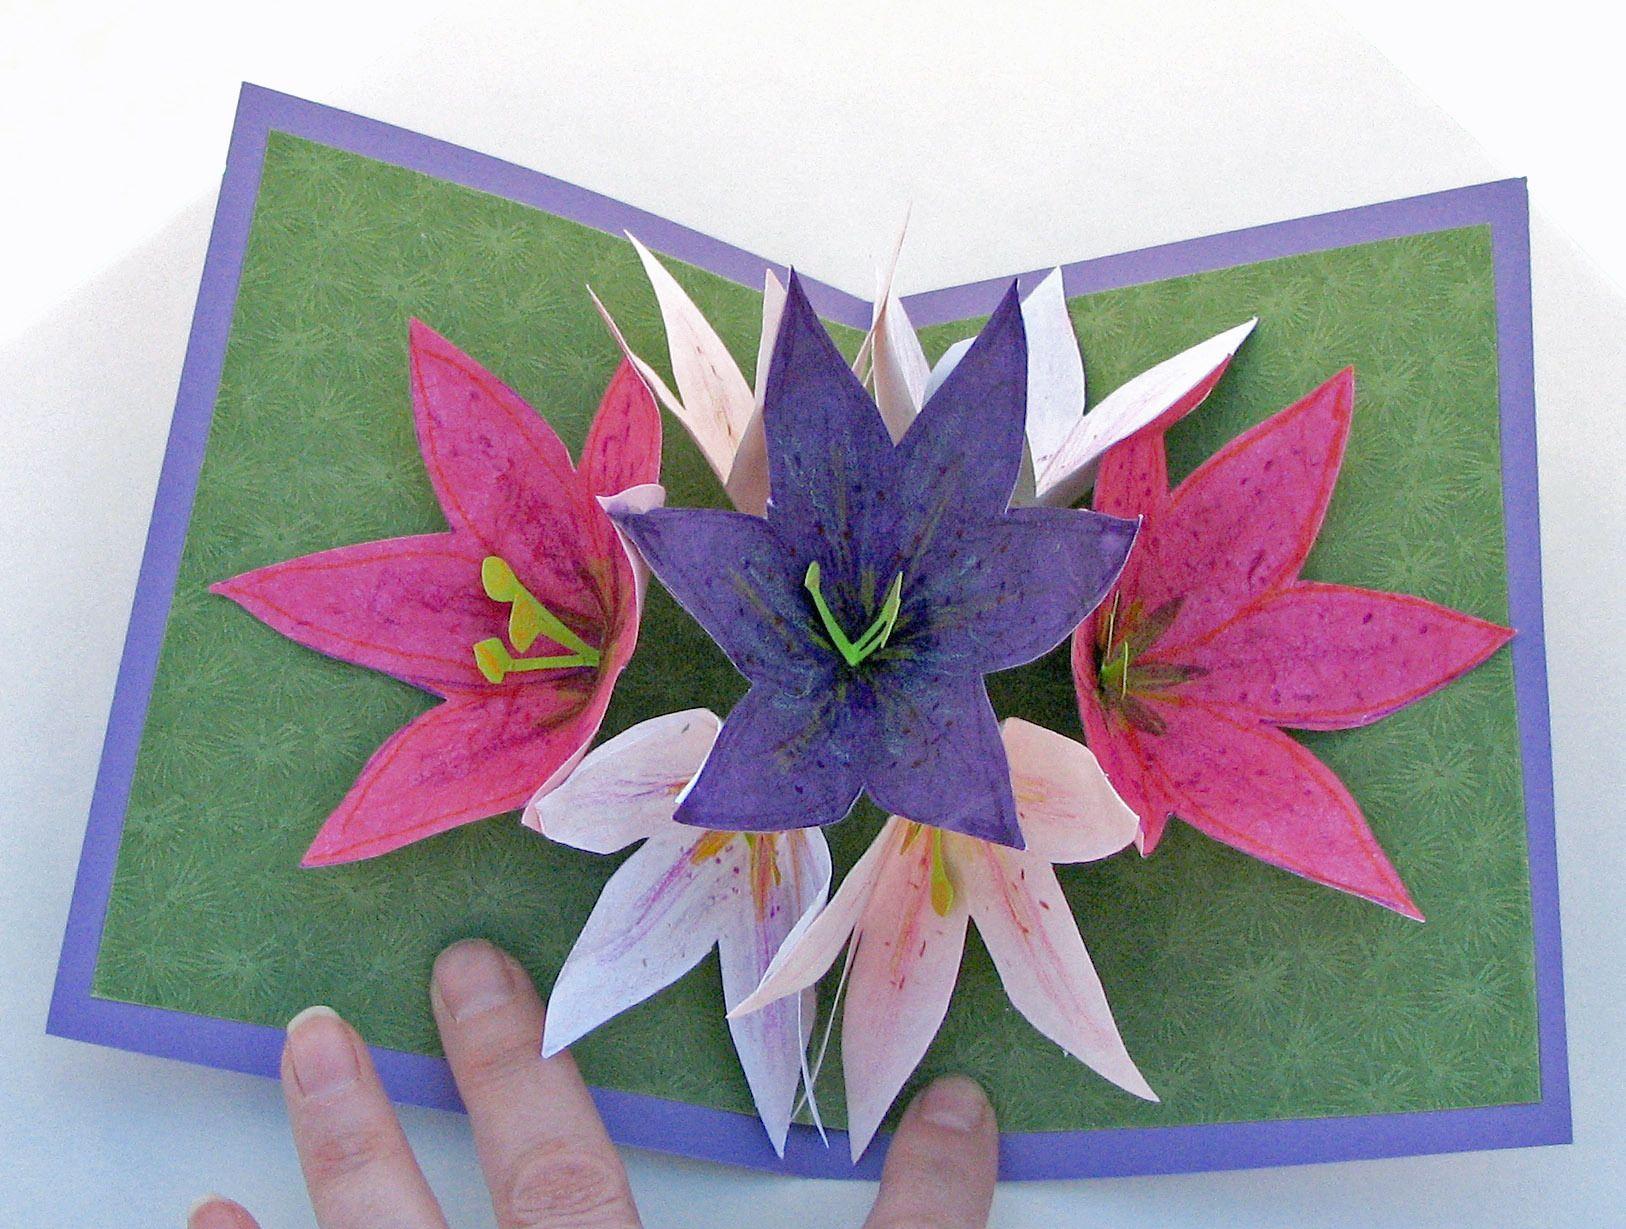 Объемная открытка с цветком мастер класс, свеча скорби памяти